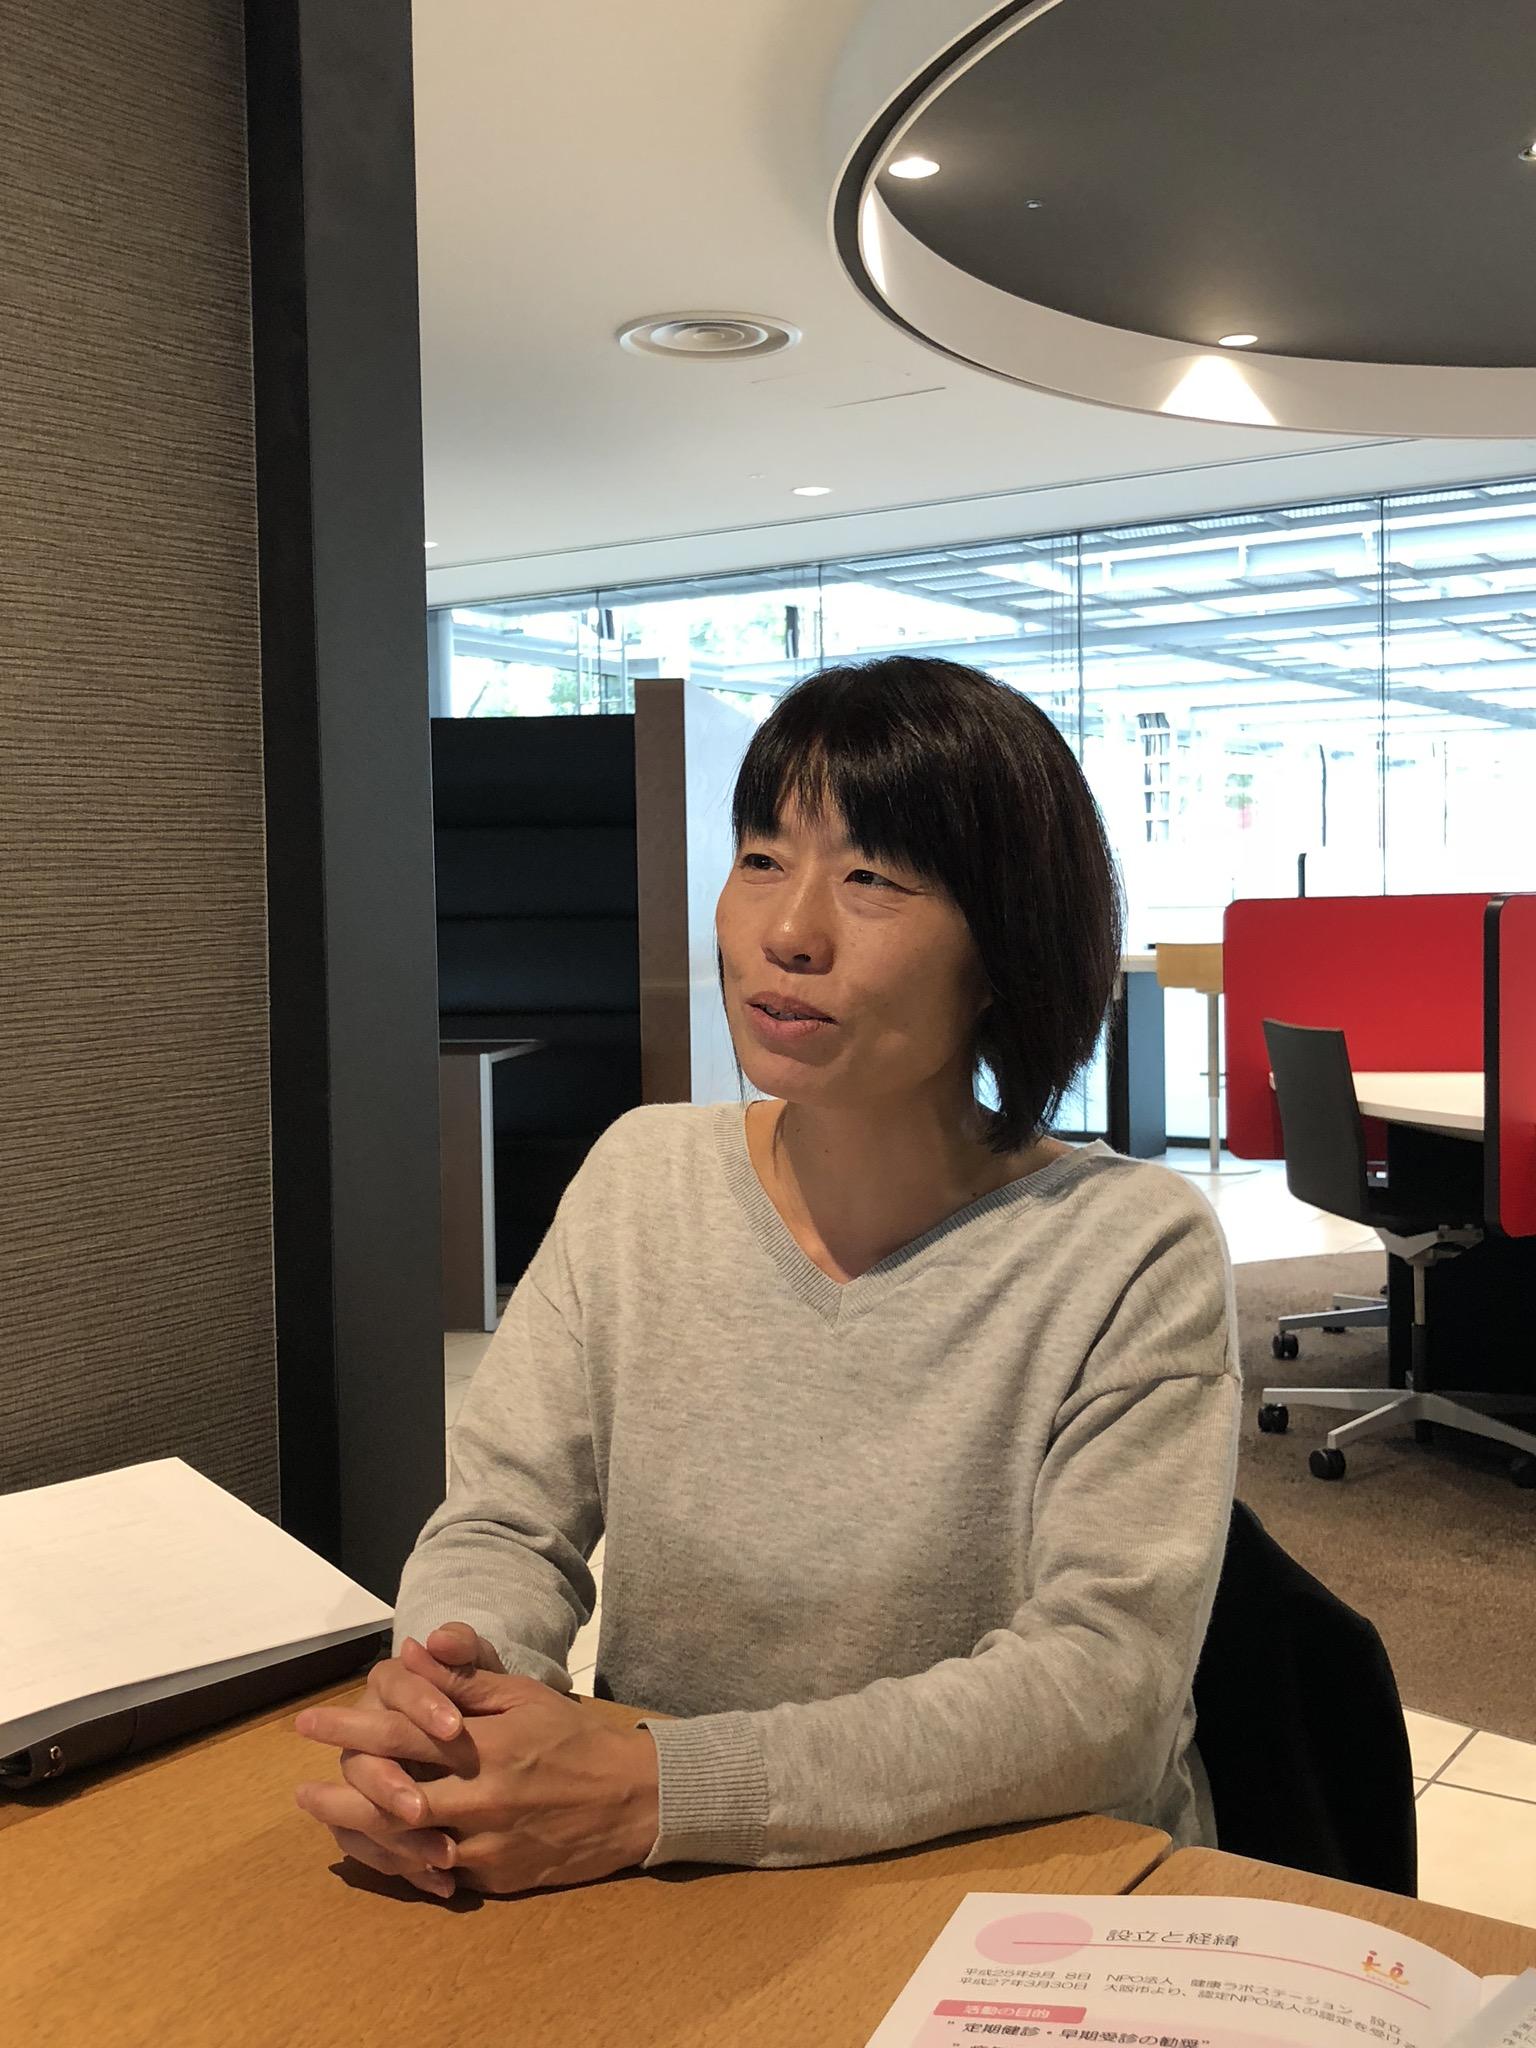 浦田千昌さんインタビュー 写真1